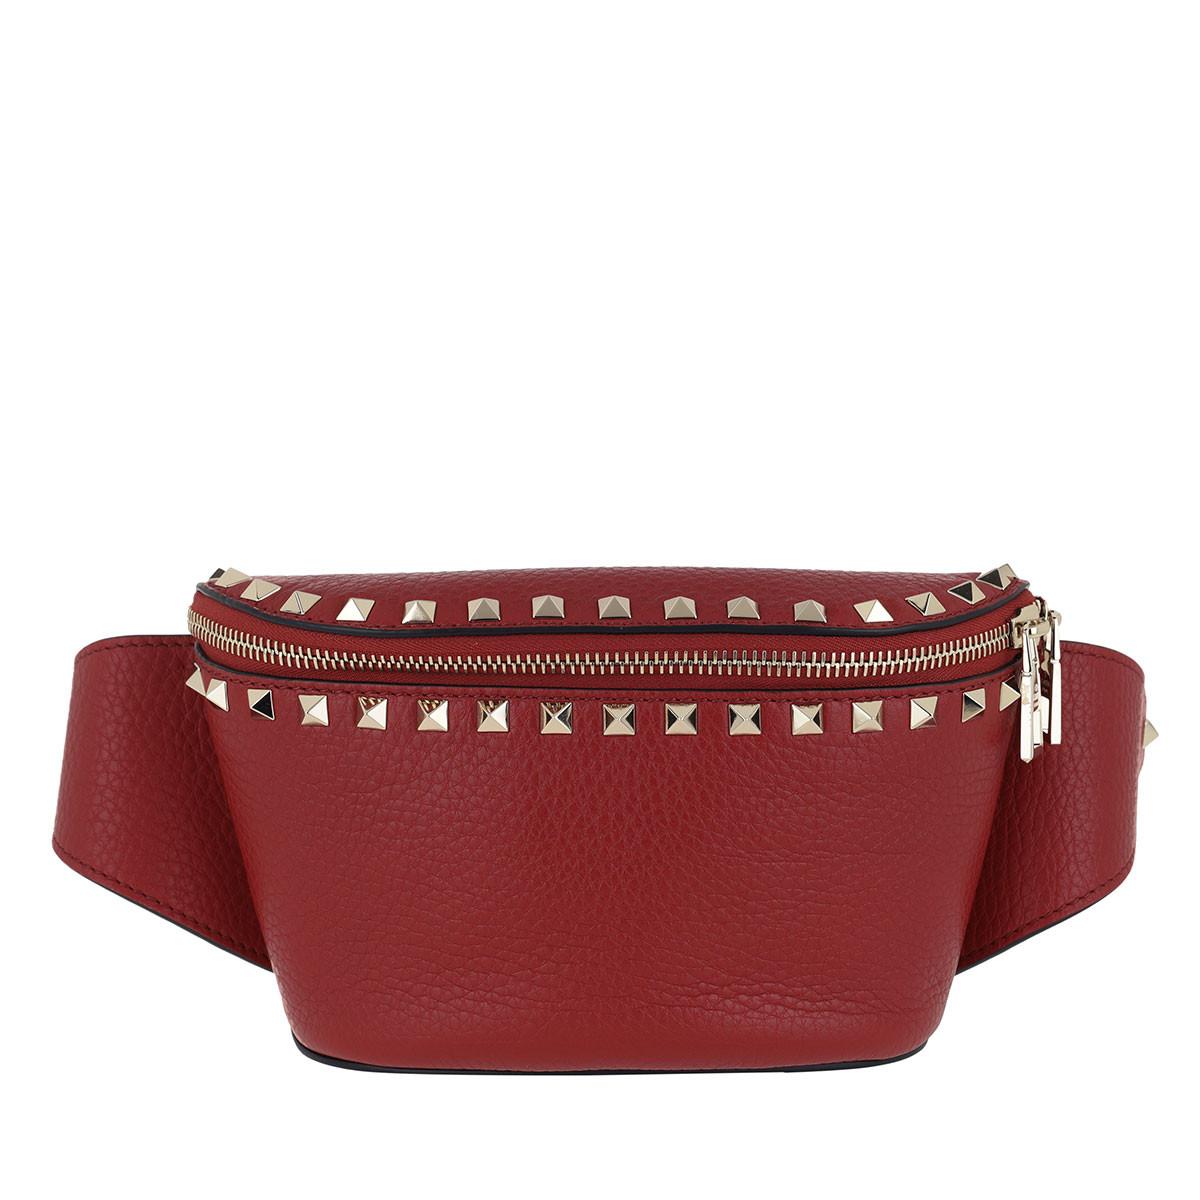 Valentino Gürteltasche - Rockstud Belt Bag Calf Leather Red - in rot - für Damen